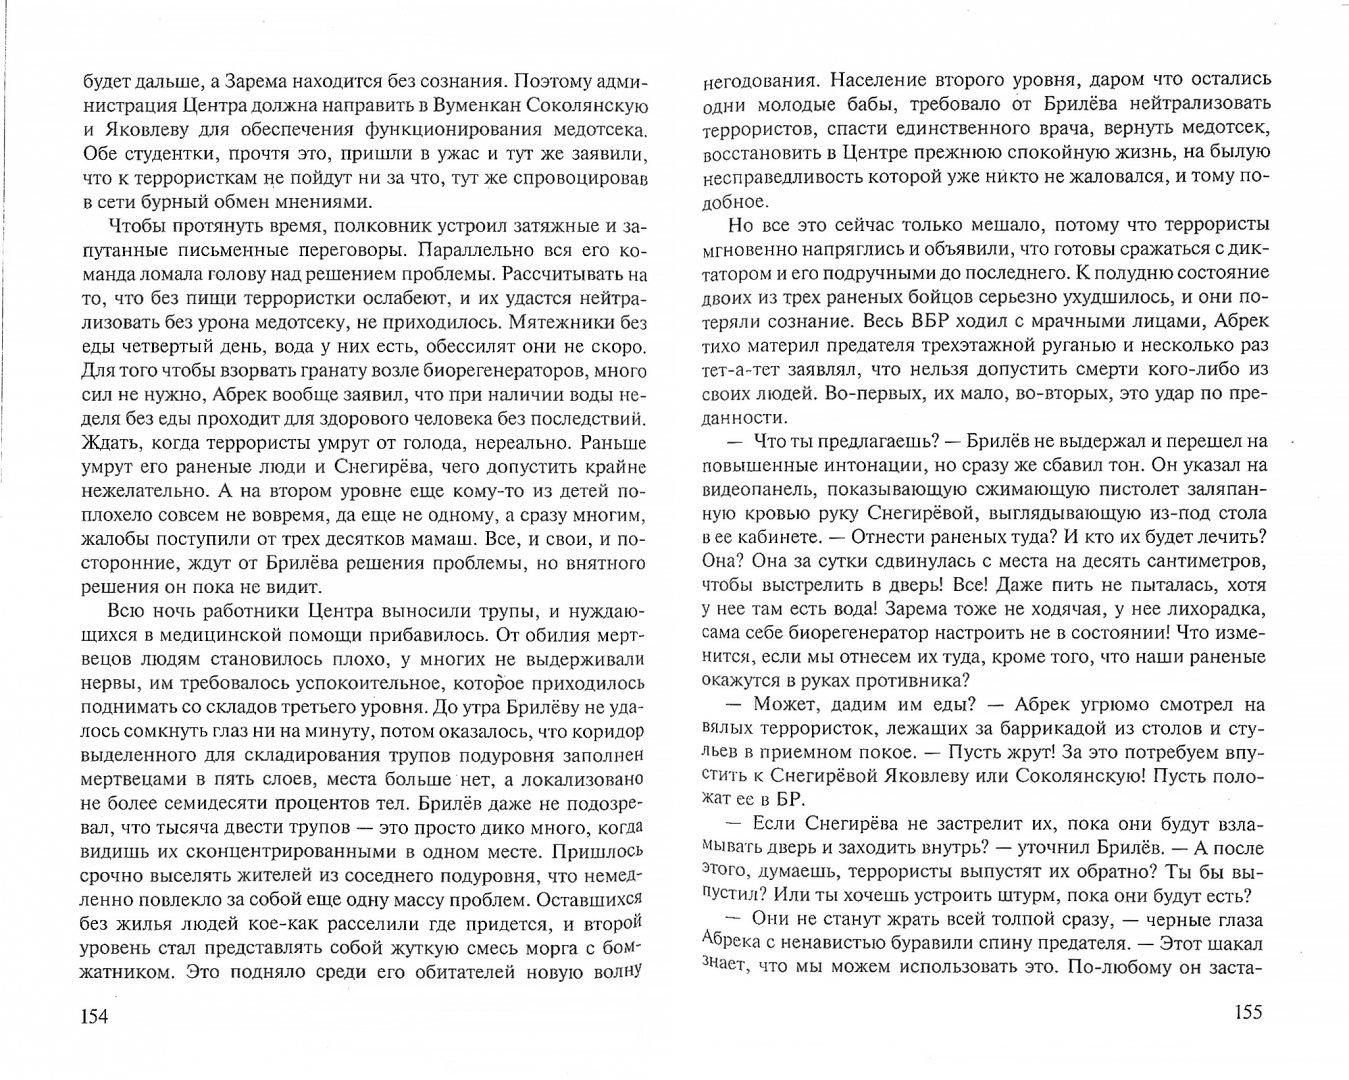 Иллюстрация 1 из 7 для Каждому своё 3 - Сергей Тармашев | Лабиринт - книги. Источник: Лабиринт